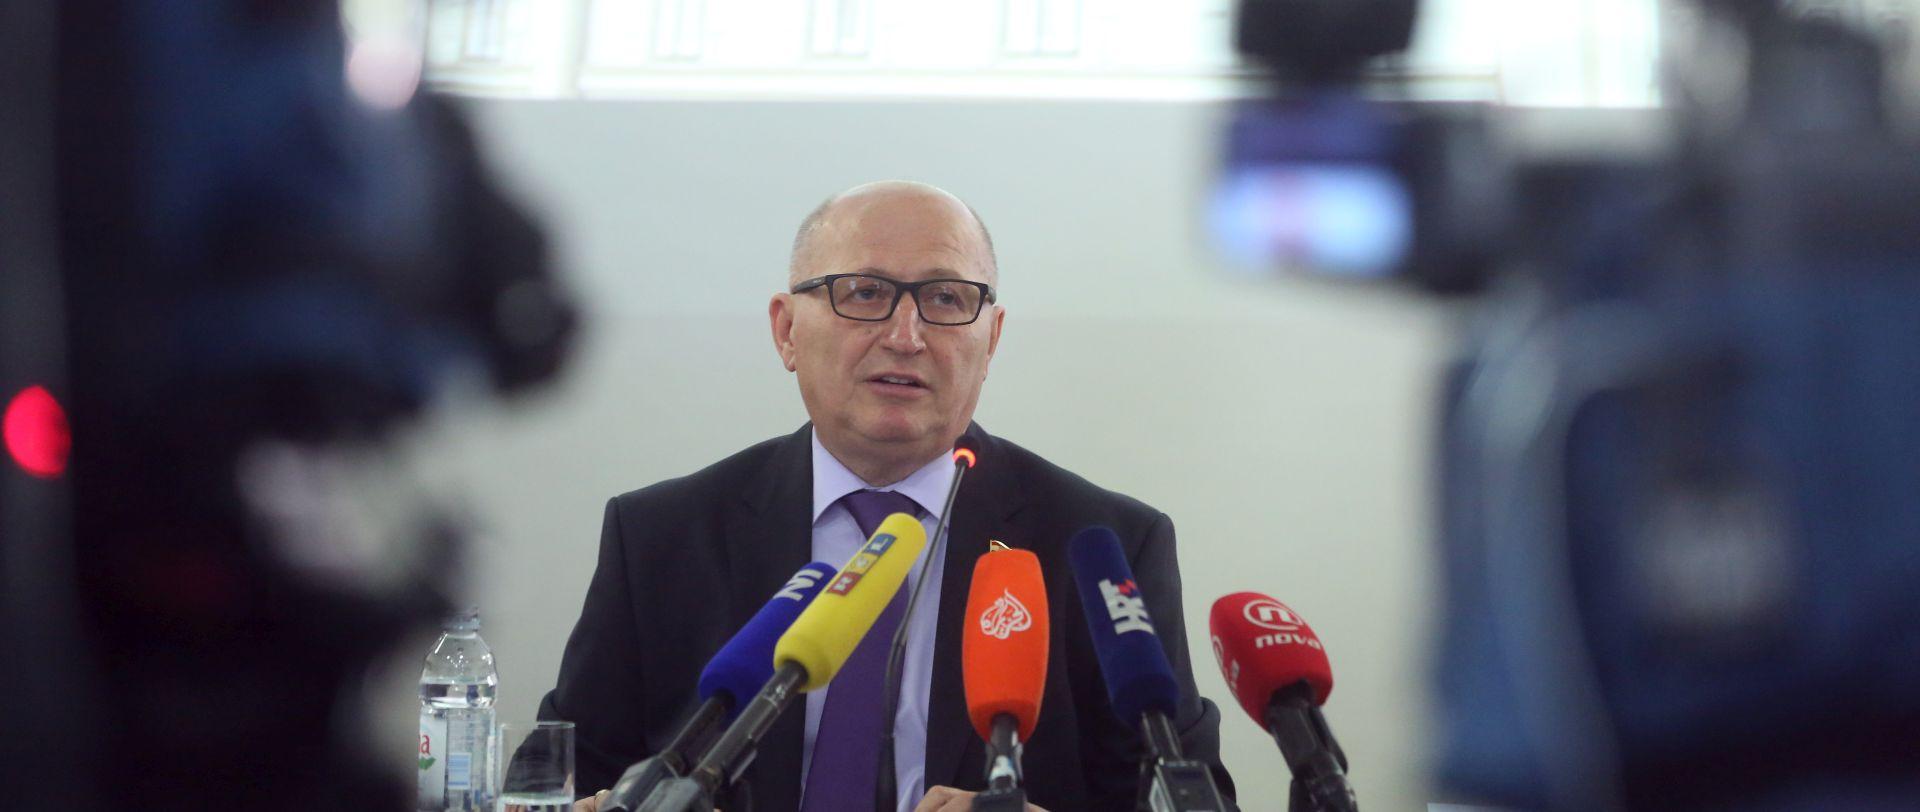 """ŠEPAROVIĆ: """"Niti me Brkić zvao, niti Crnjac ima predmet na Ustavnom sudu"""""""